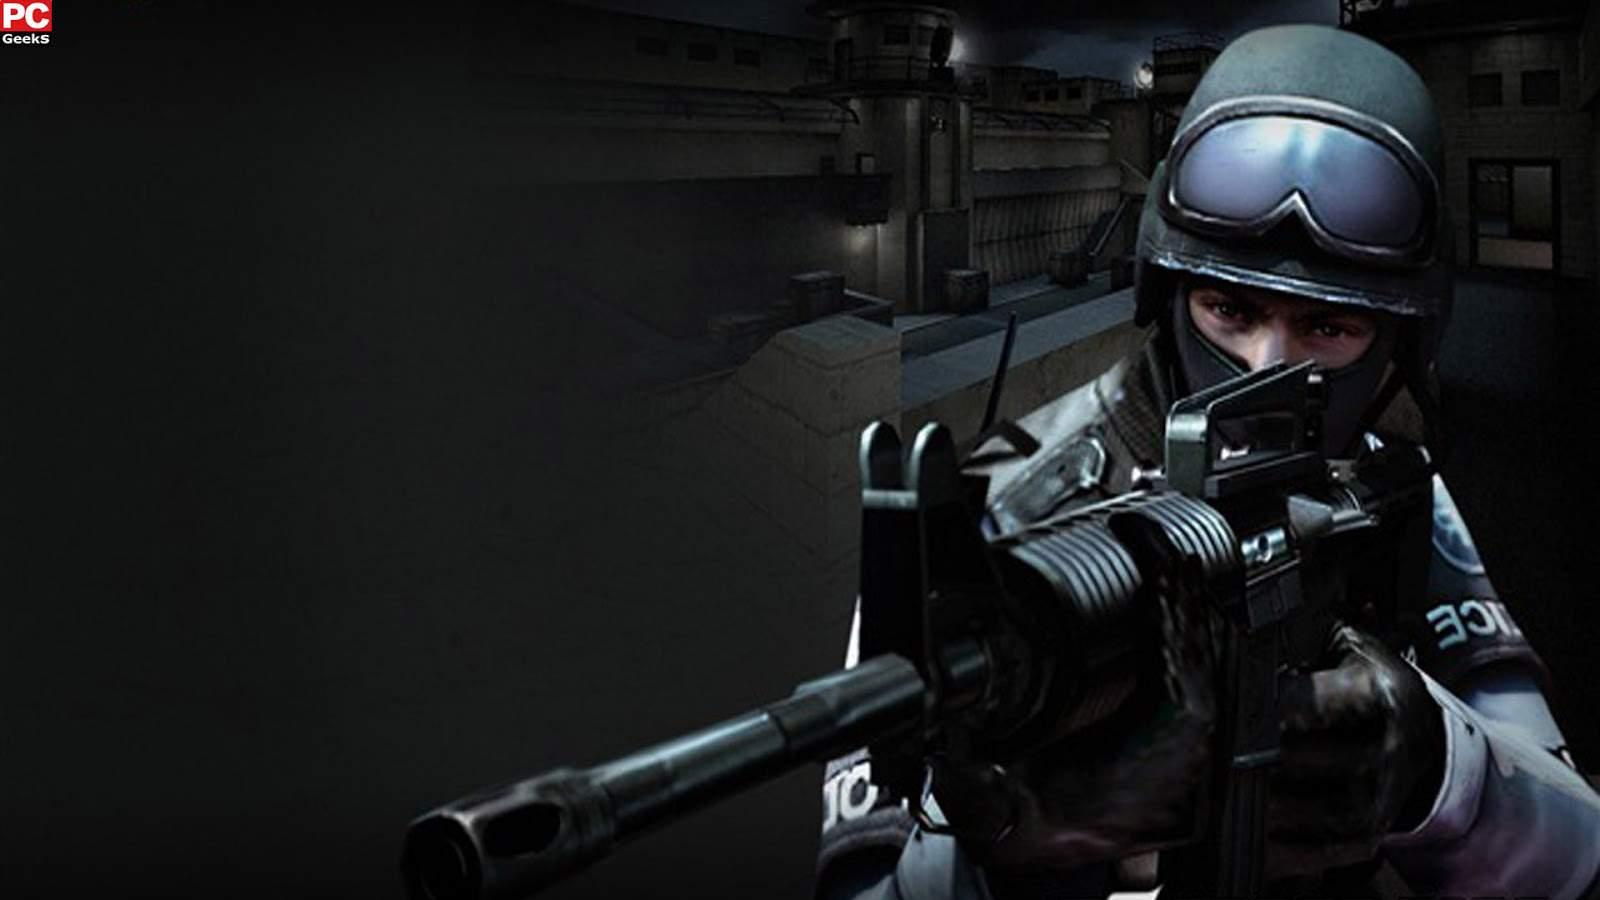 تحميل لعبة Crossfire مضغوطة برابط واحد مباشر كاملة مجانا